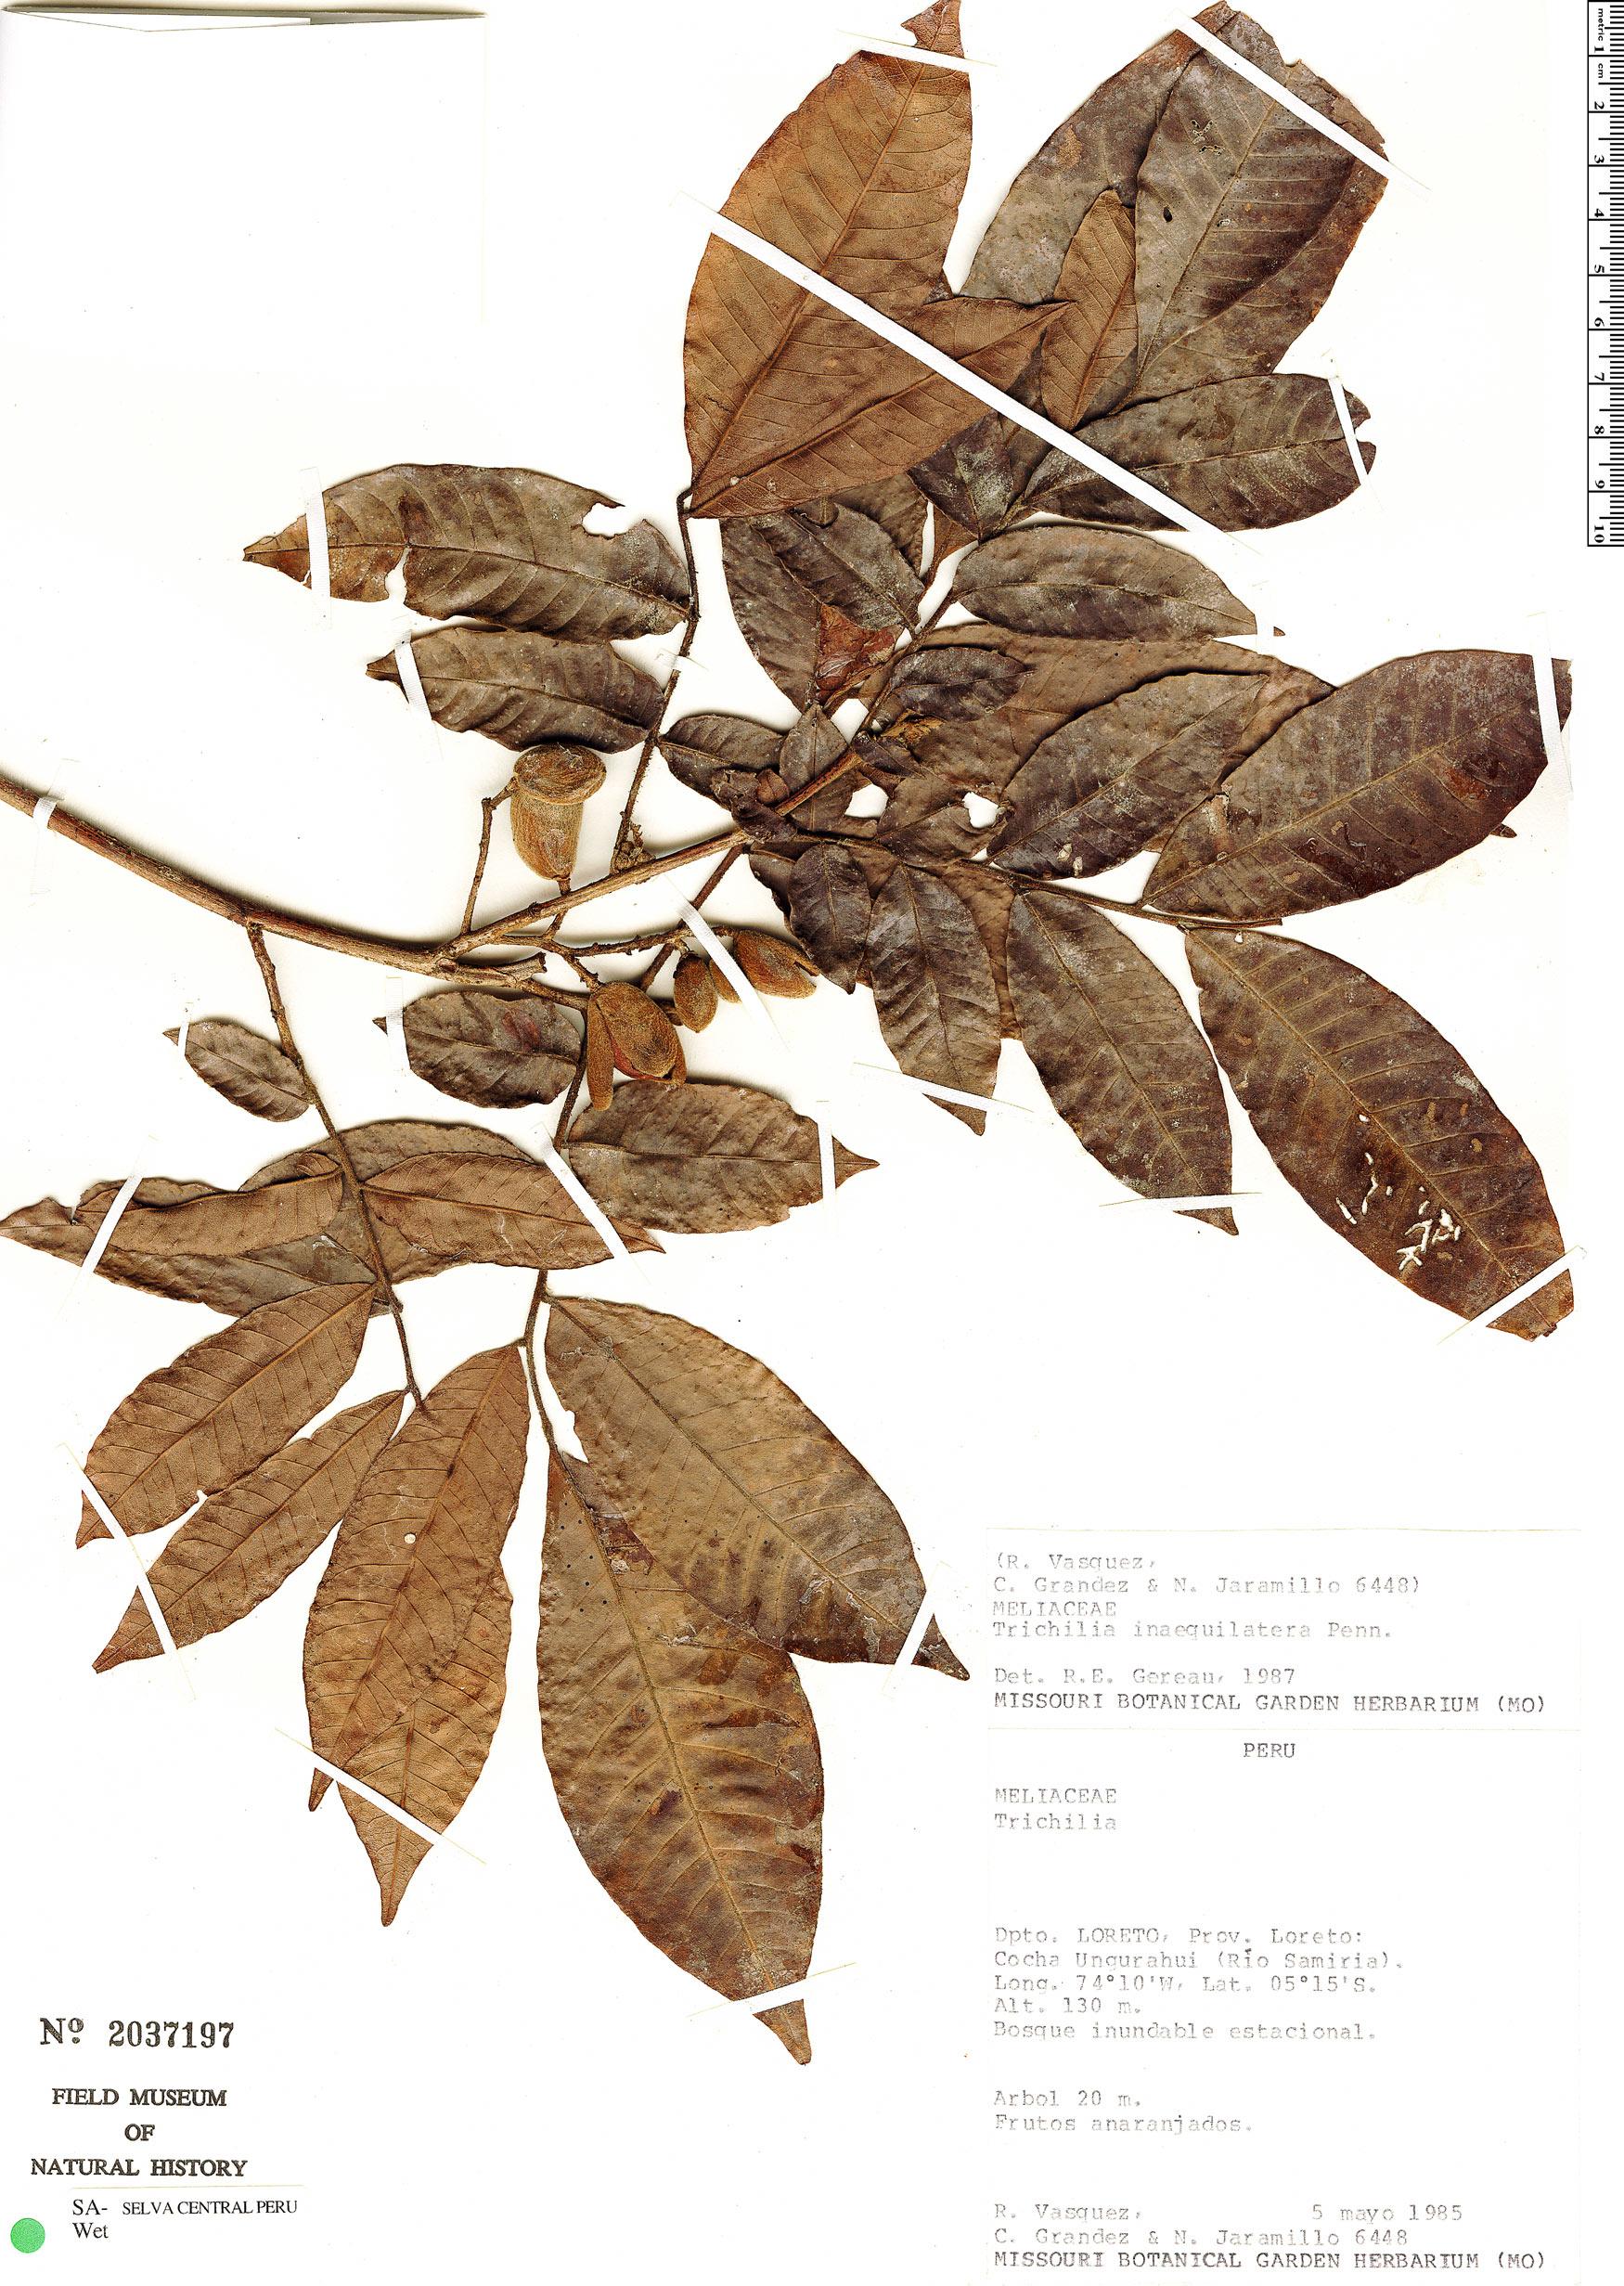 Specimen: Trichilia inaequilatera